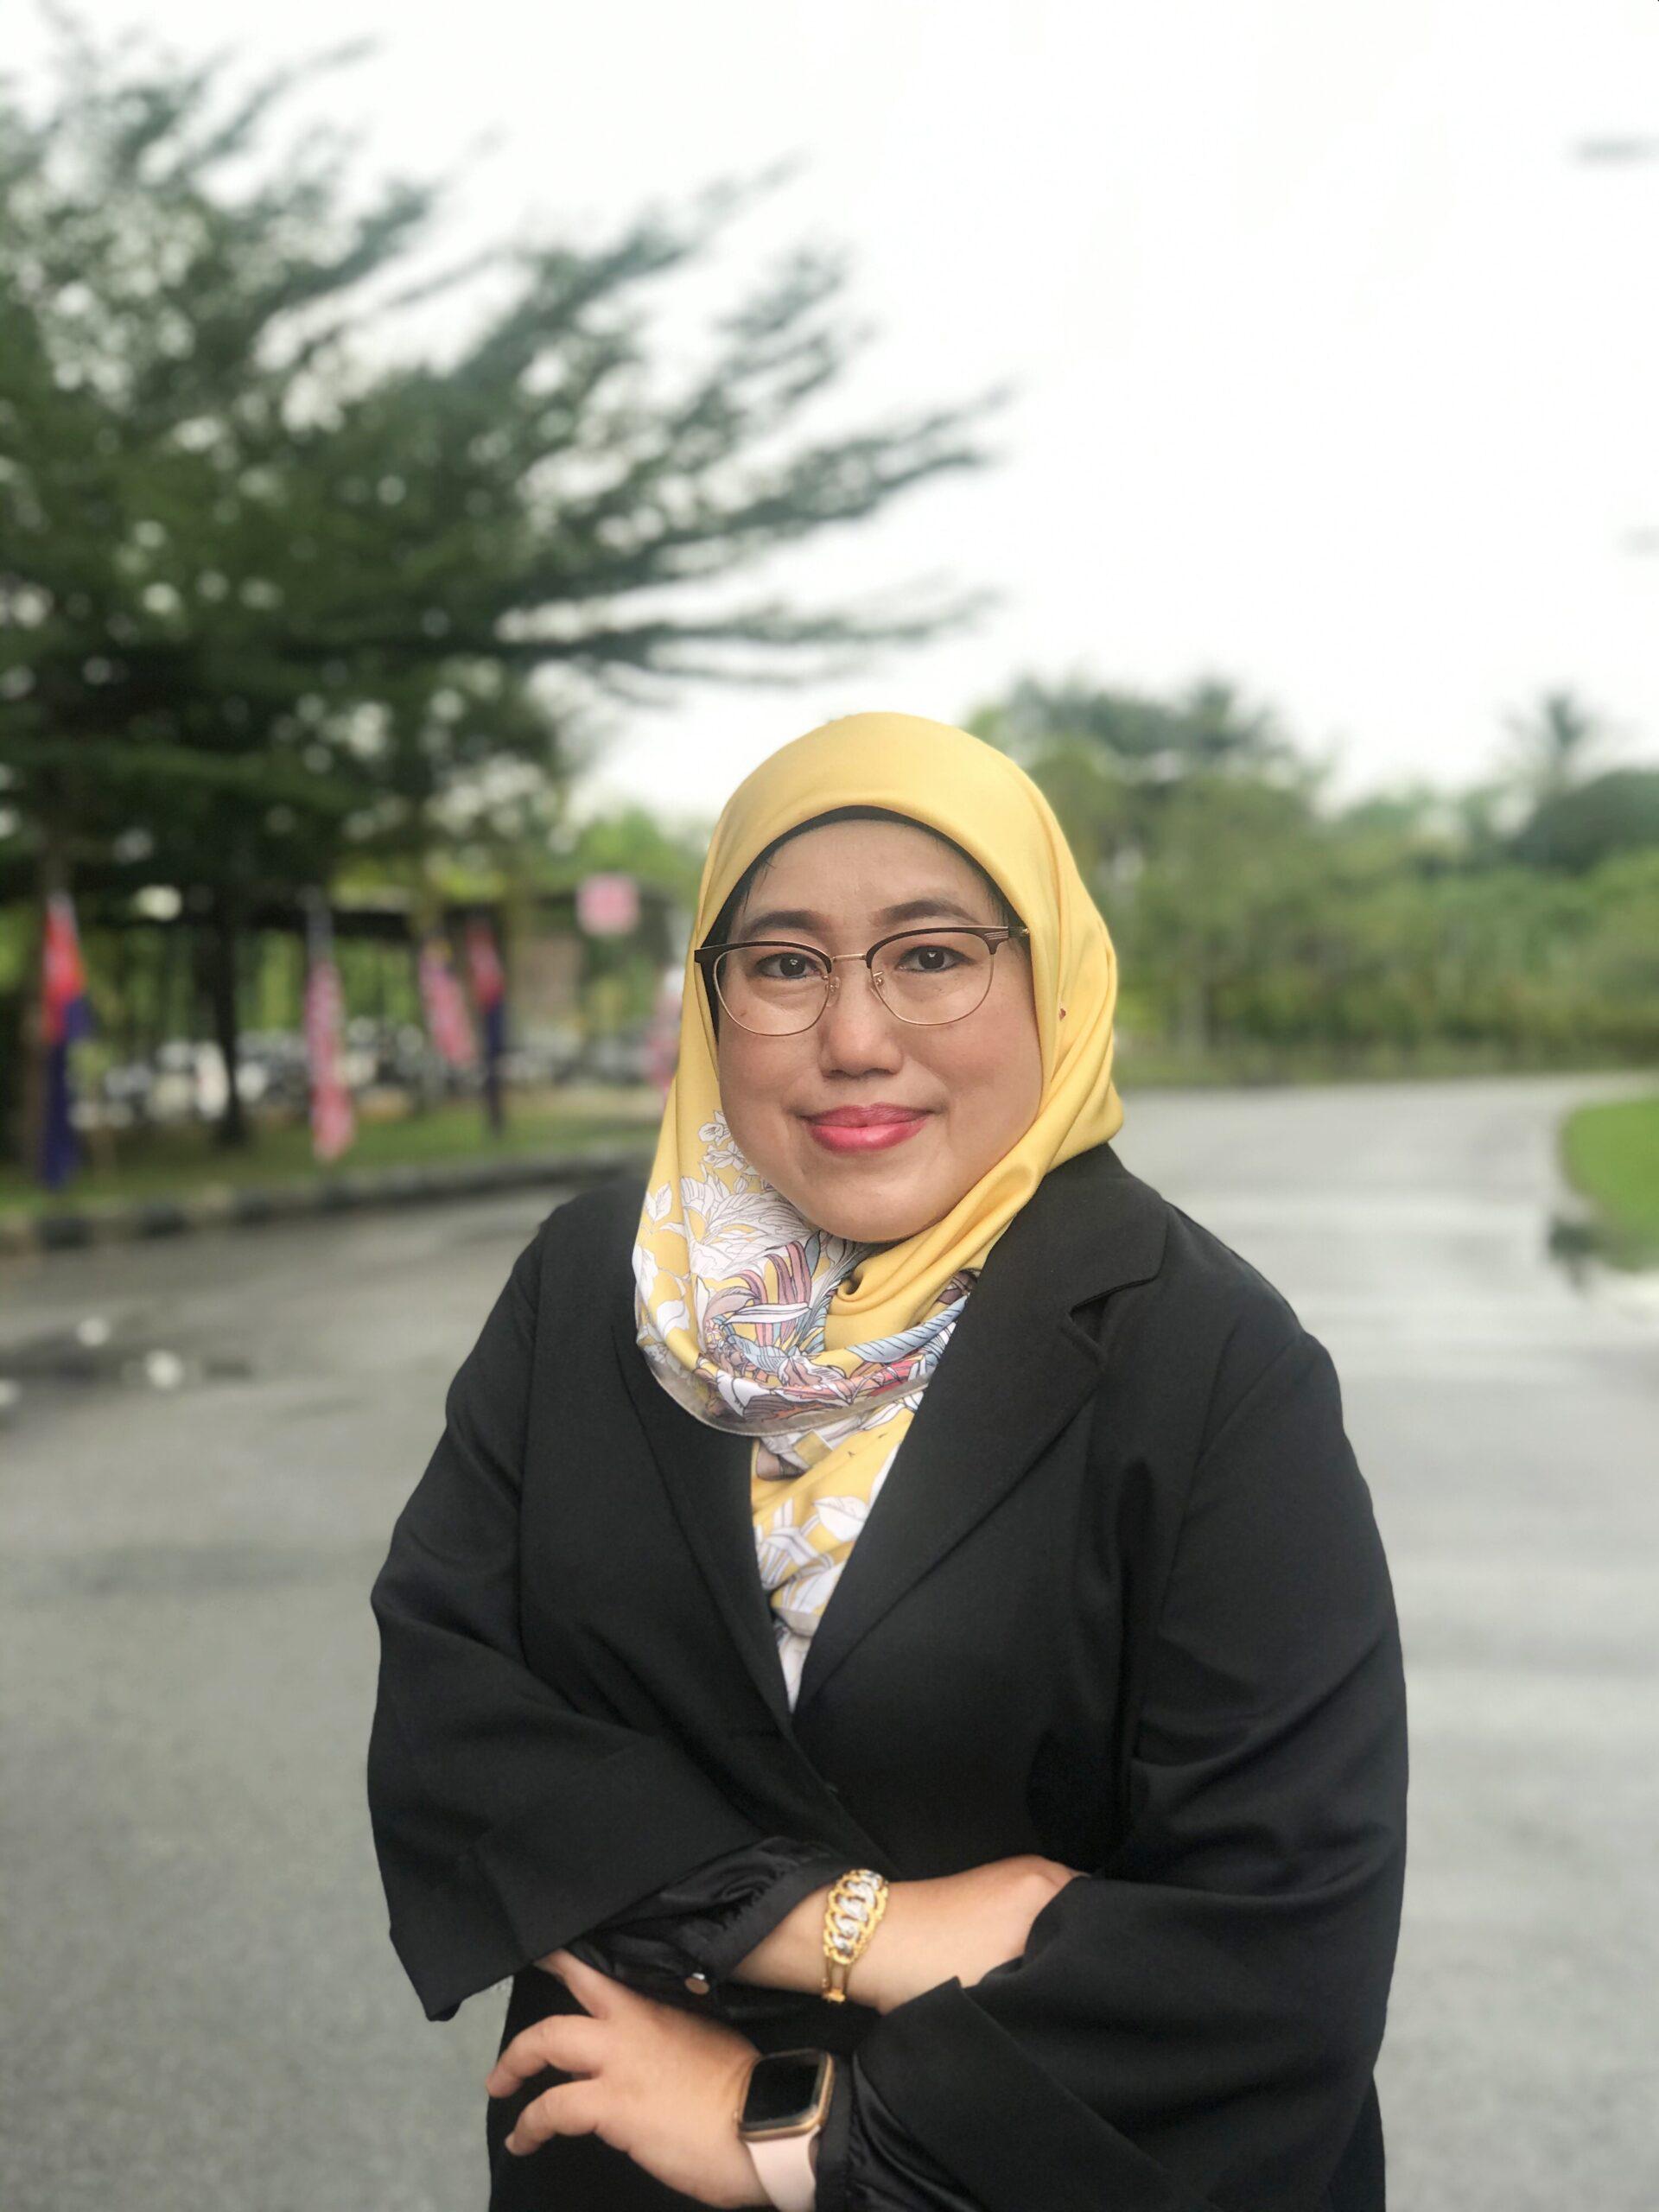 ASSOC. PROF. DR SITI RAHMAH BT AWANG